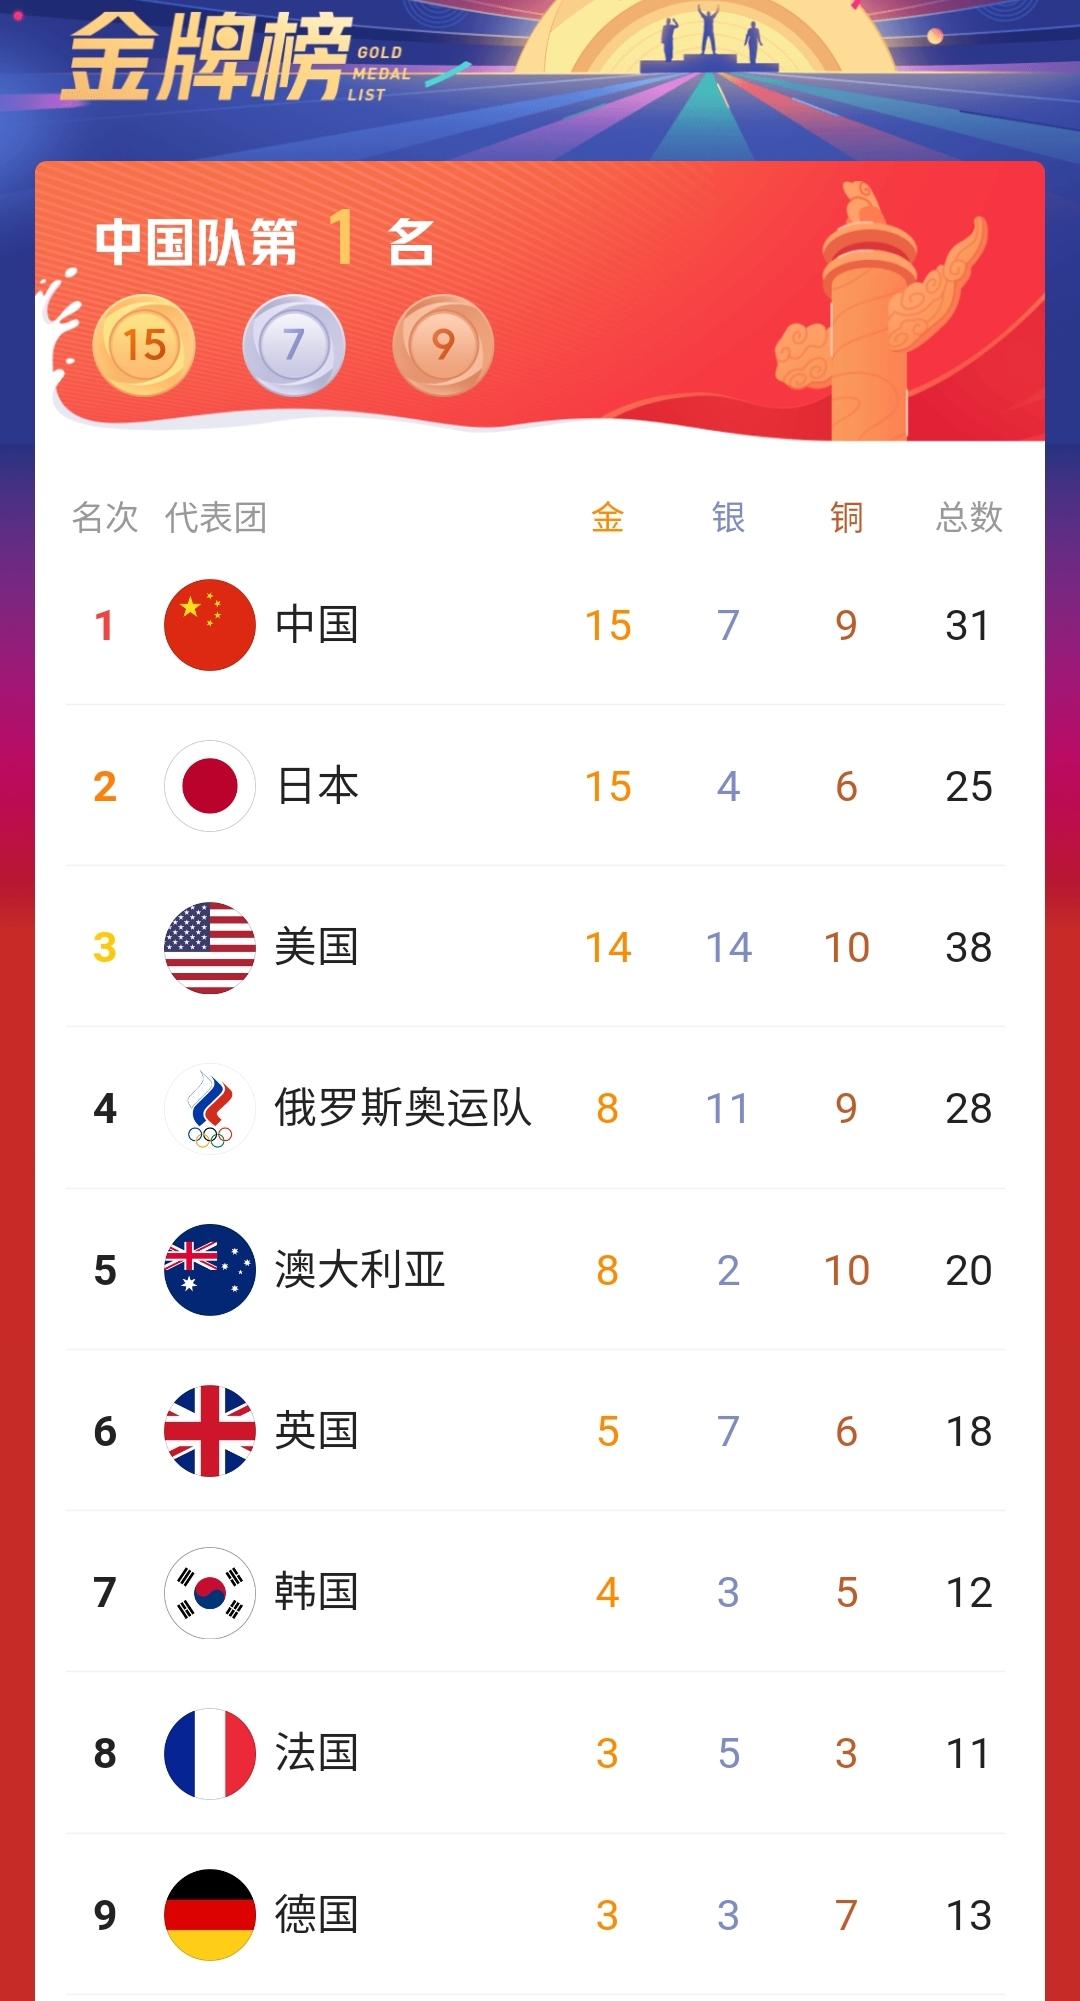 奥运会最新金牌榜中国哪些金牌